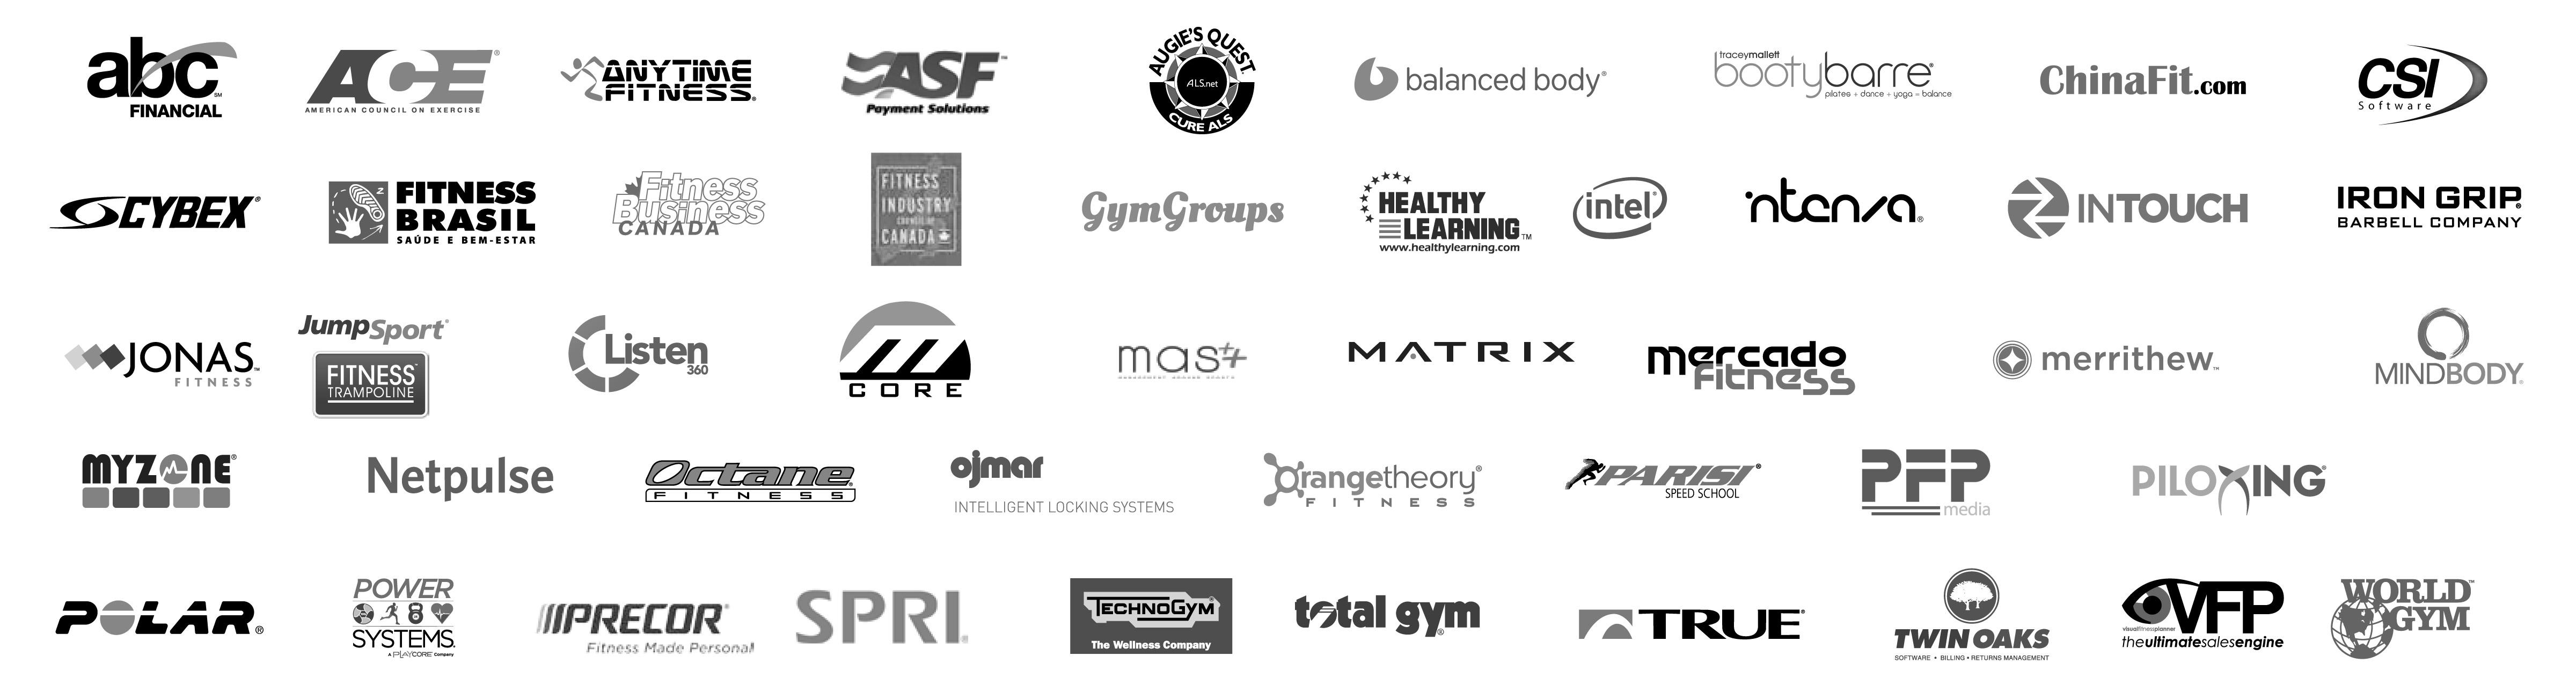 2016CV-brochure_sponsor_logos